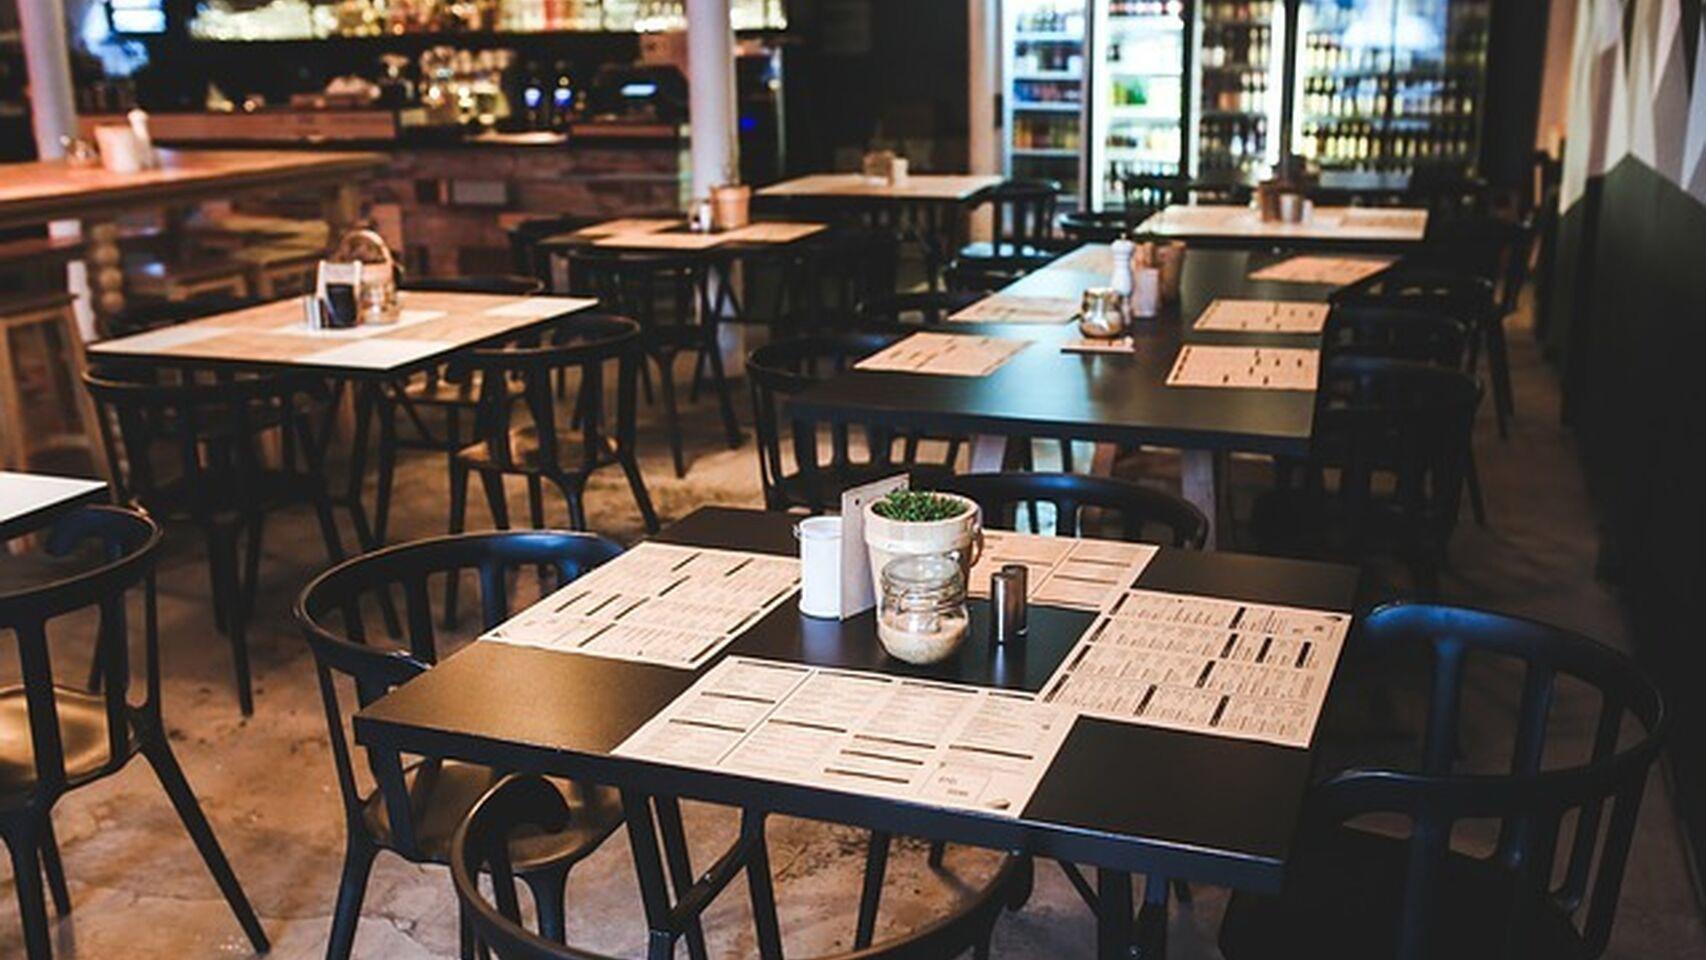 restaurantes-dark-kitchens-y-plazas-gastronomica-el-coronavirus-dificultara-el-pago-de-alquileres-luz-y-otros-servicios